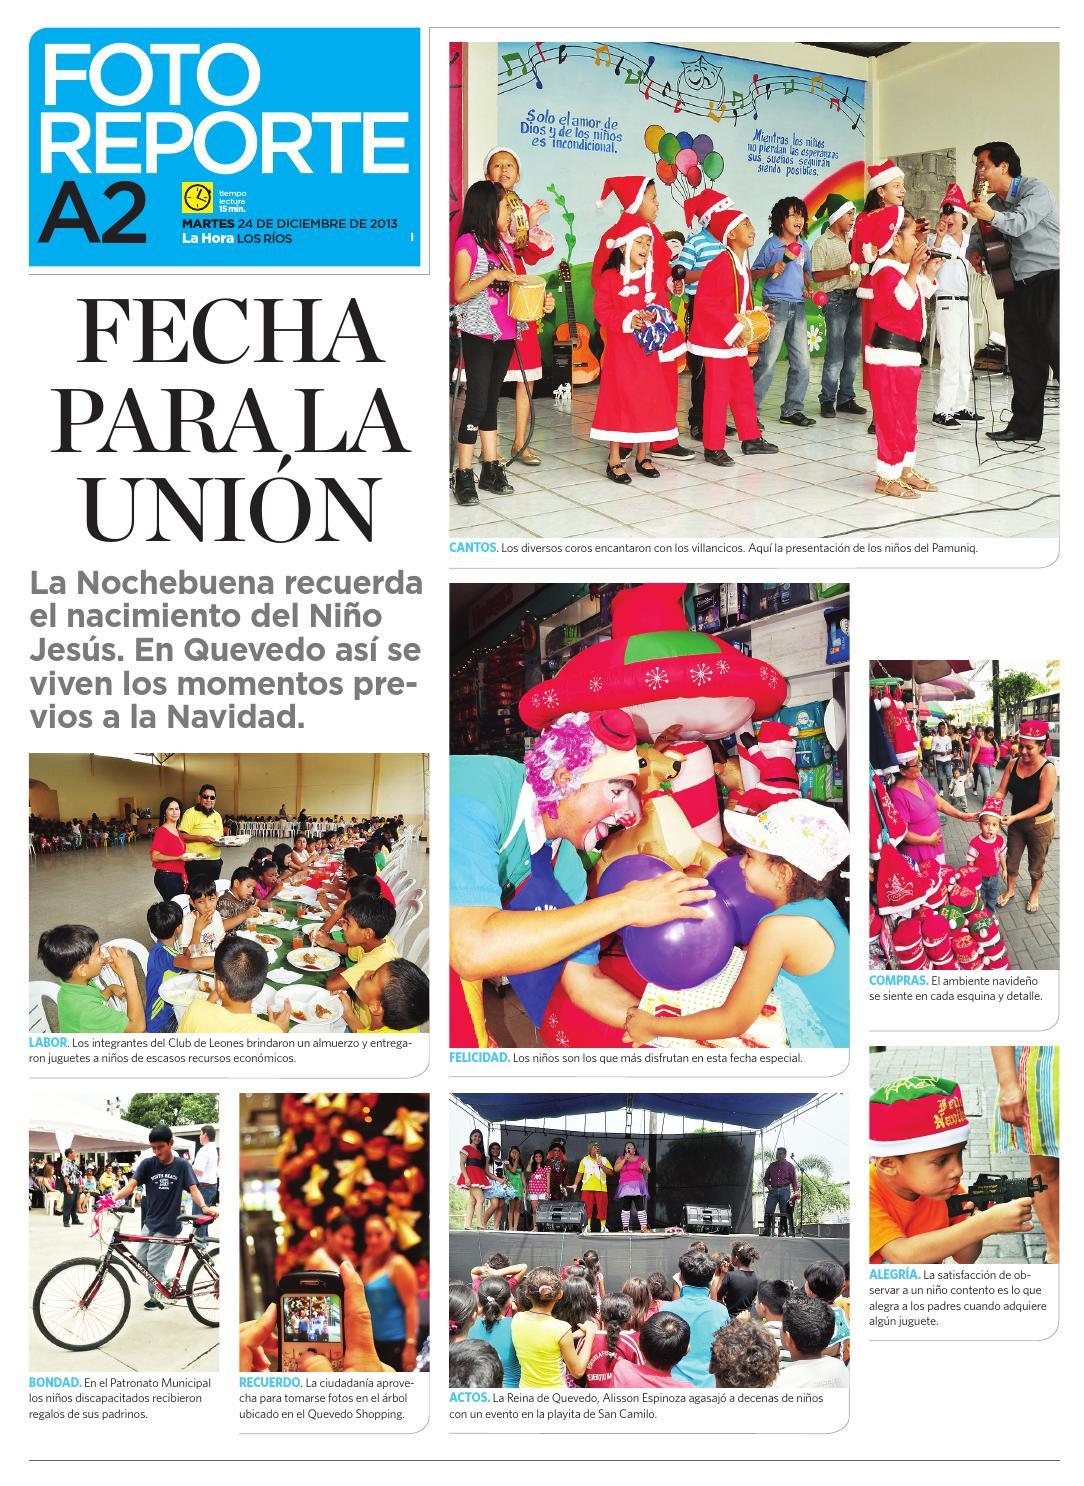 La Hora Issuu De Diario 24 Los By Ecuador 2013 Rios Diciembre dtsrChQ